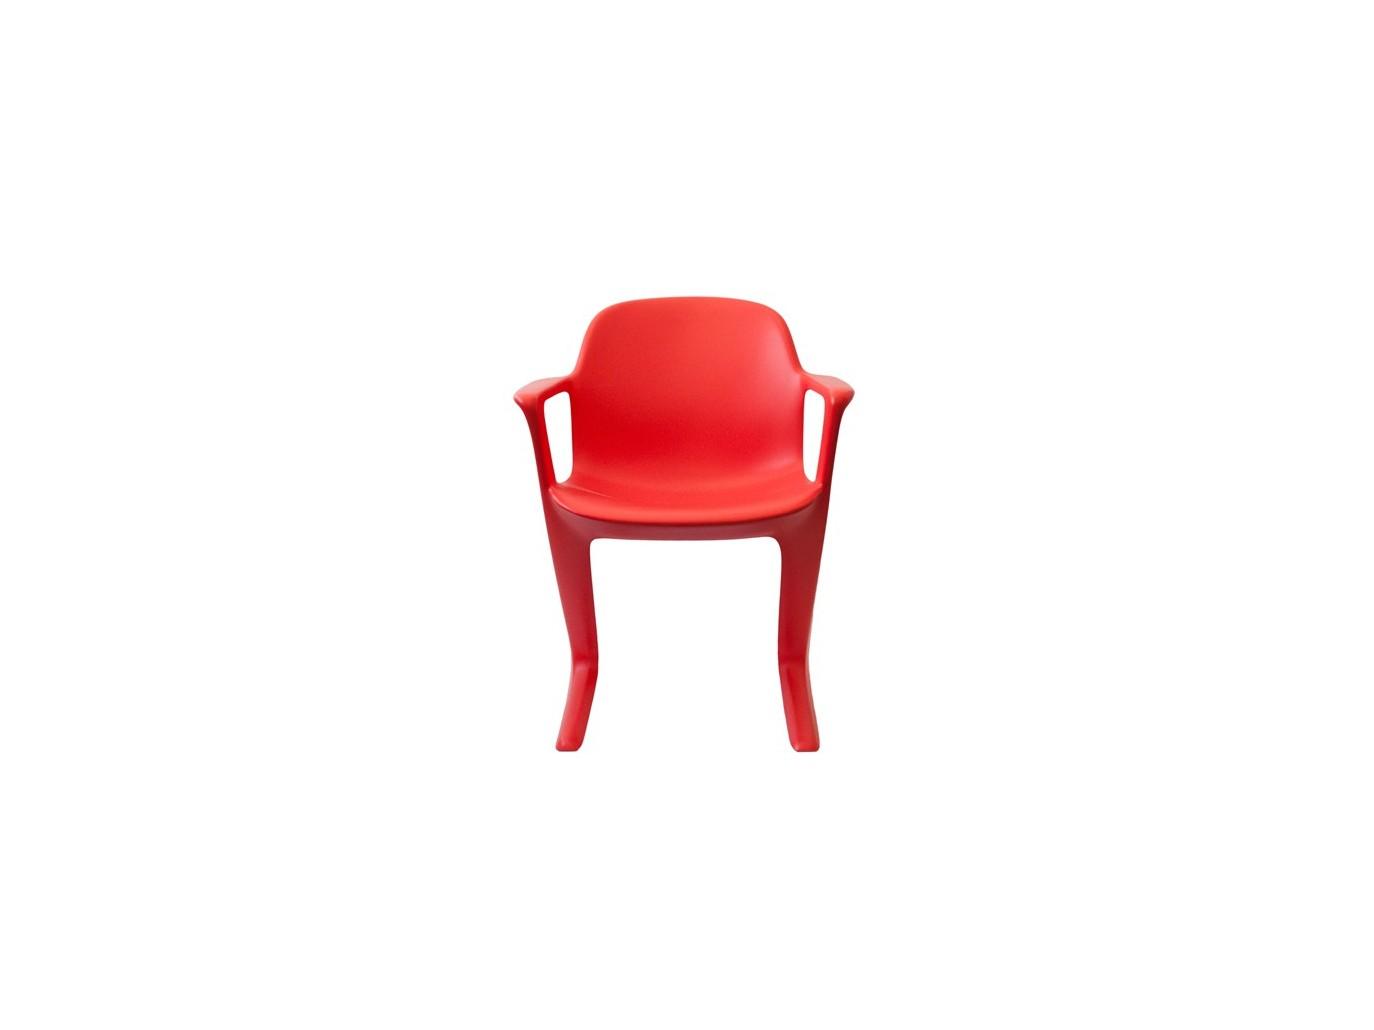 z stuhl 10119design. Black Bedroom Furniture Sets. Home Design Ideas